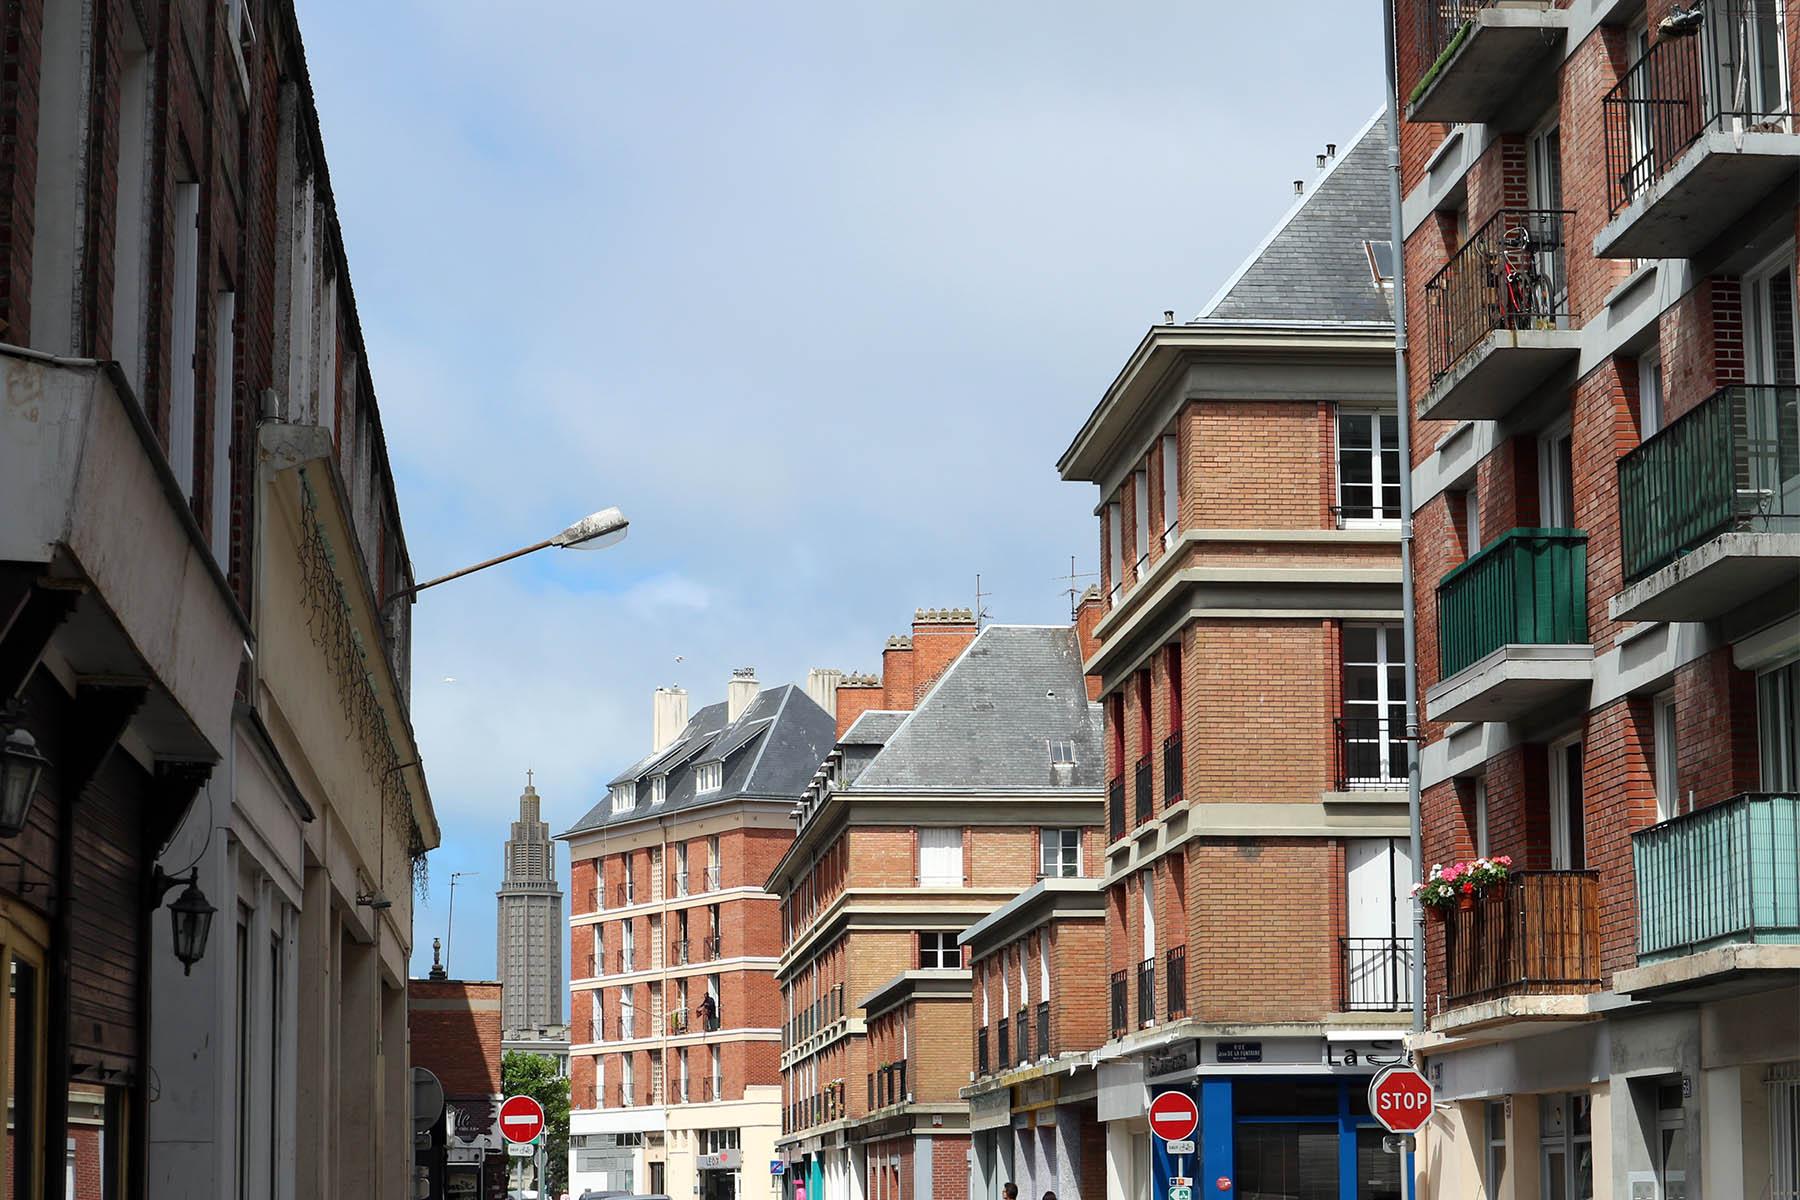 Parcours Les Bassins.  Der Stadtteil Saint-Francois liegt auf einer Insel. Er ist der älteste Stadtteil LH. Anders als im monumentalen Dreieck Perrets wurde hier der historische Stadtgrundriss beibehalten. Die in Stahlbeton-Skelettbauweise errichteten Häuser wurden regional typisch mit Backstein und Schiefer verkleidet und mit schrägen Dächern gedeckt.